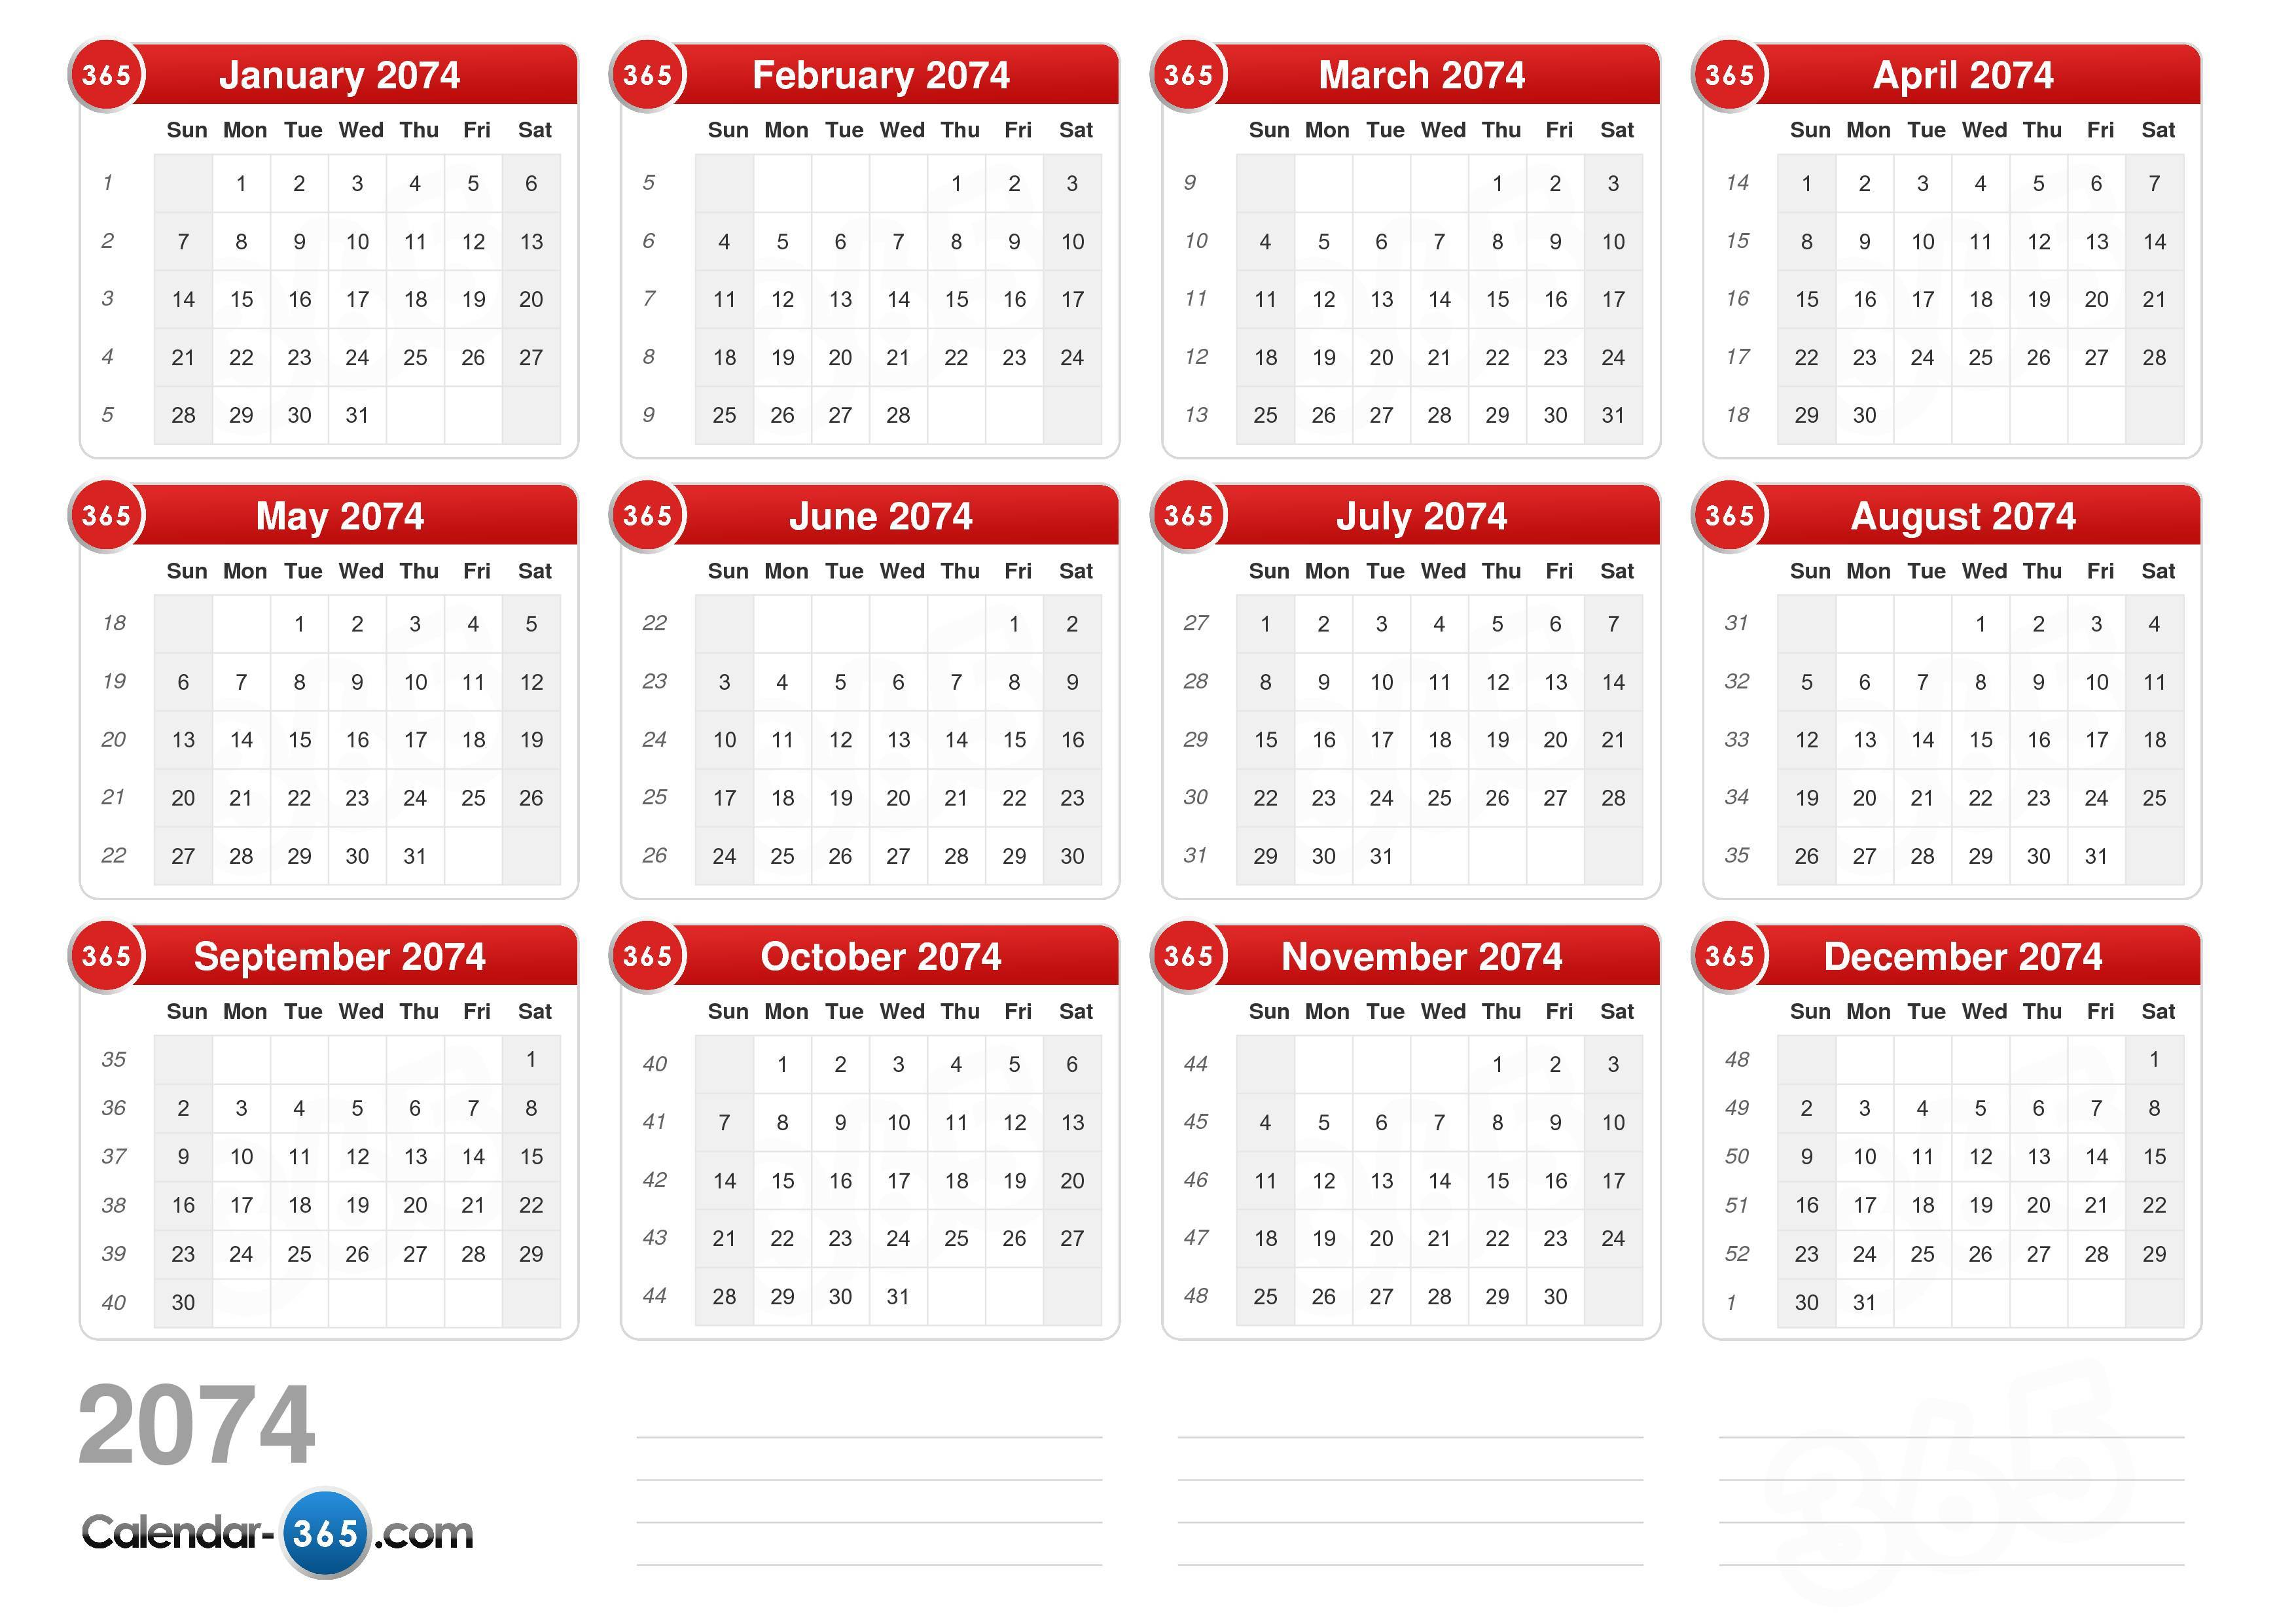 2074 Calendar (v2)